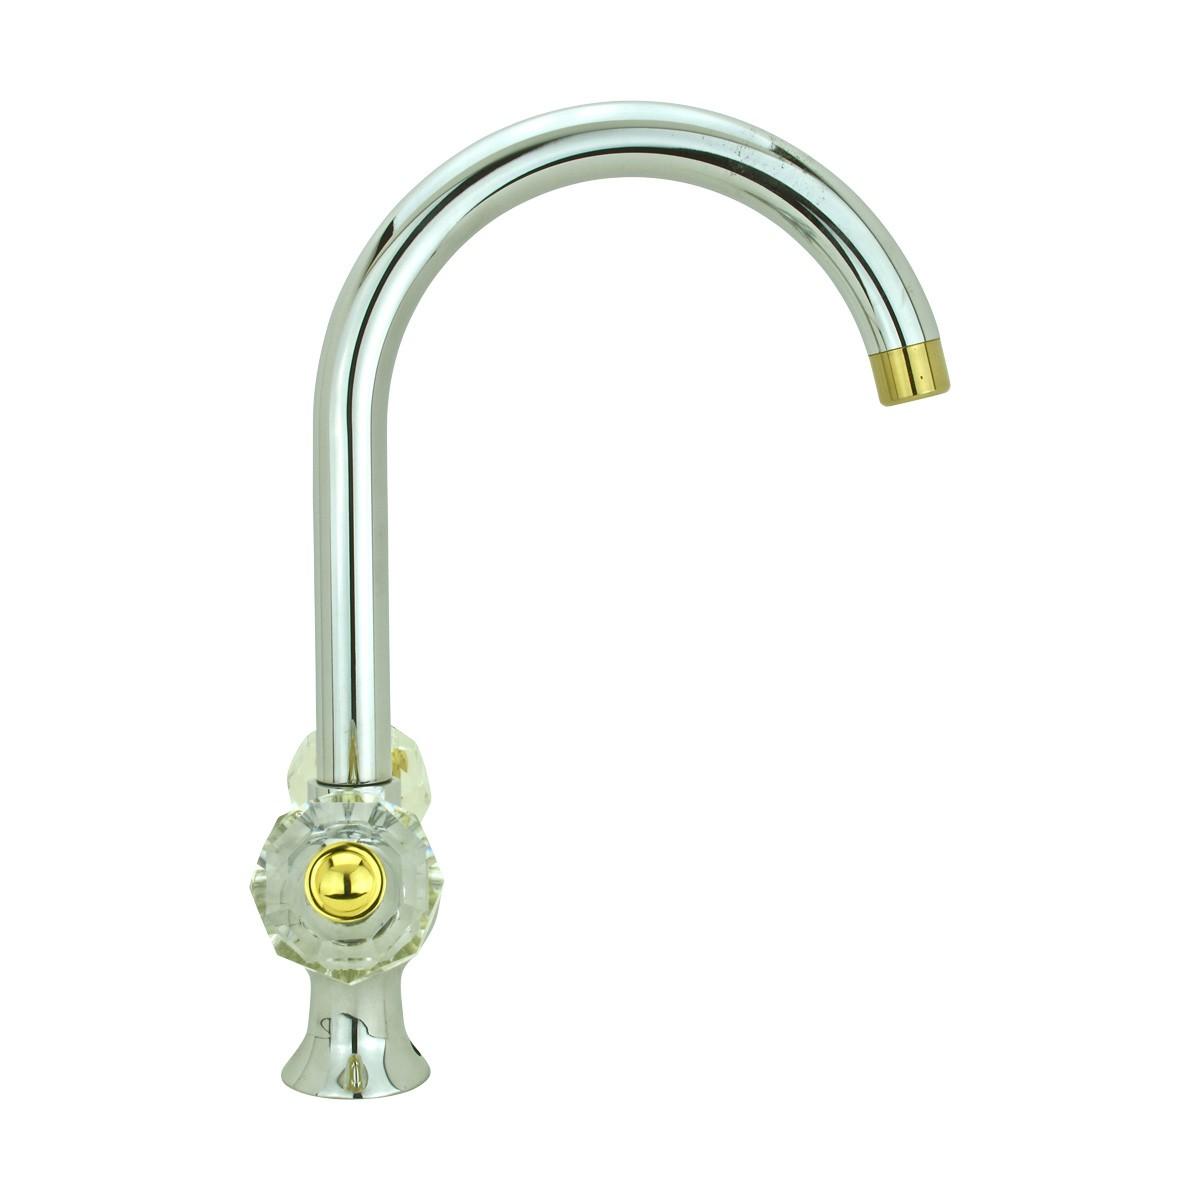 Bathroom Faucet Chrome Cane Neck 2 Glass Handles SIngle Hole Chrome Bathroom Faucet Brass Bathroom Faucets Glass Handle Bathroom Faucet